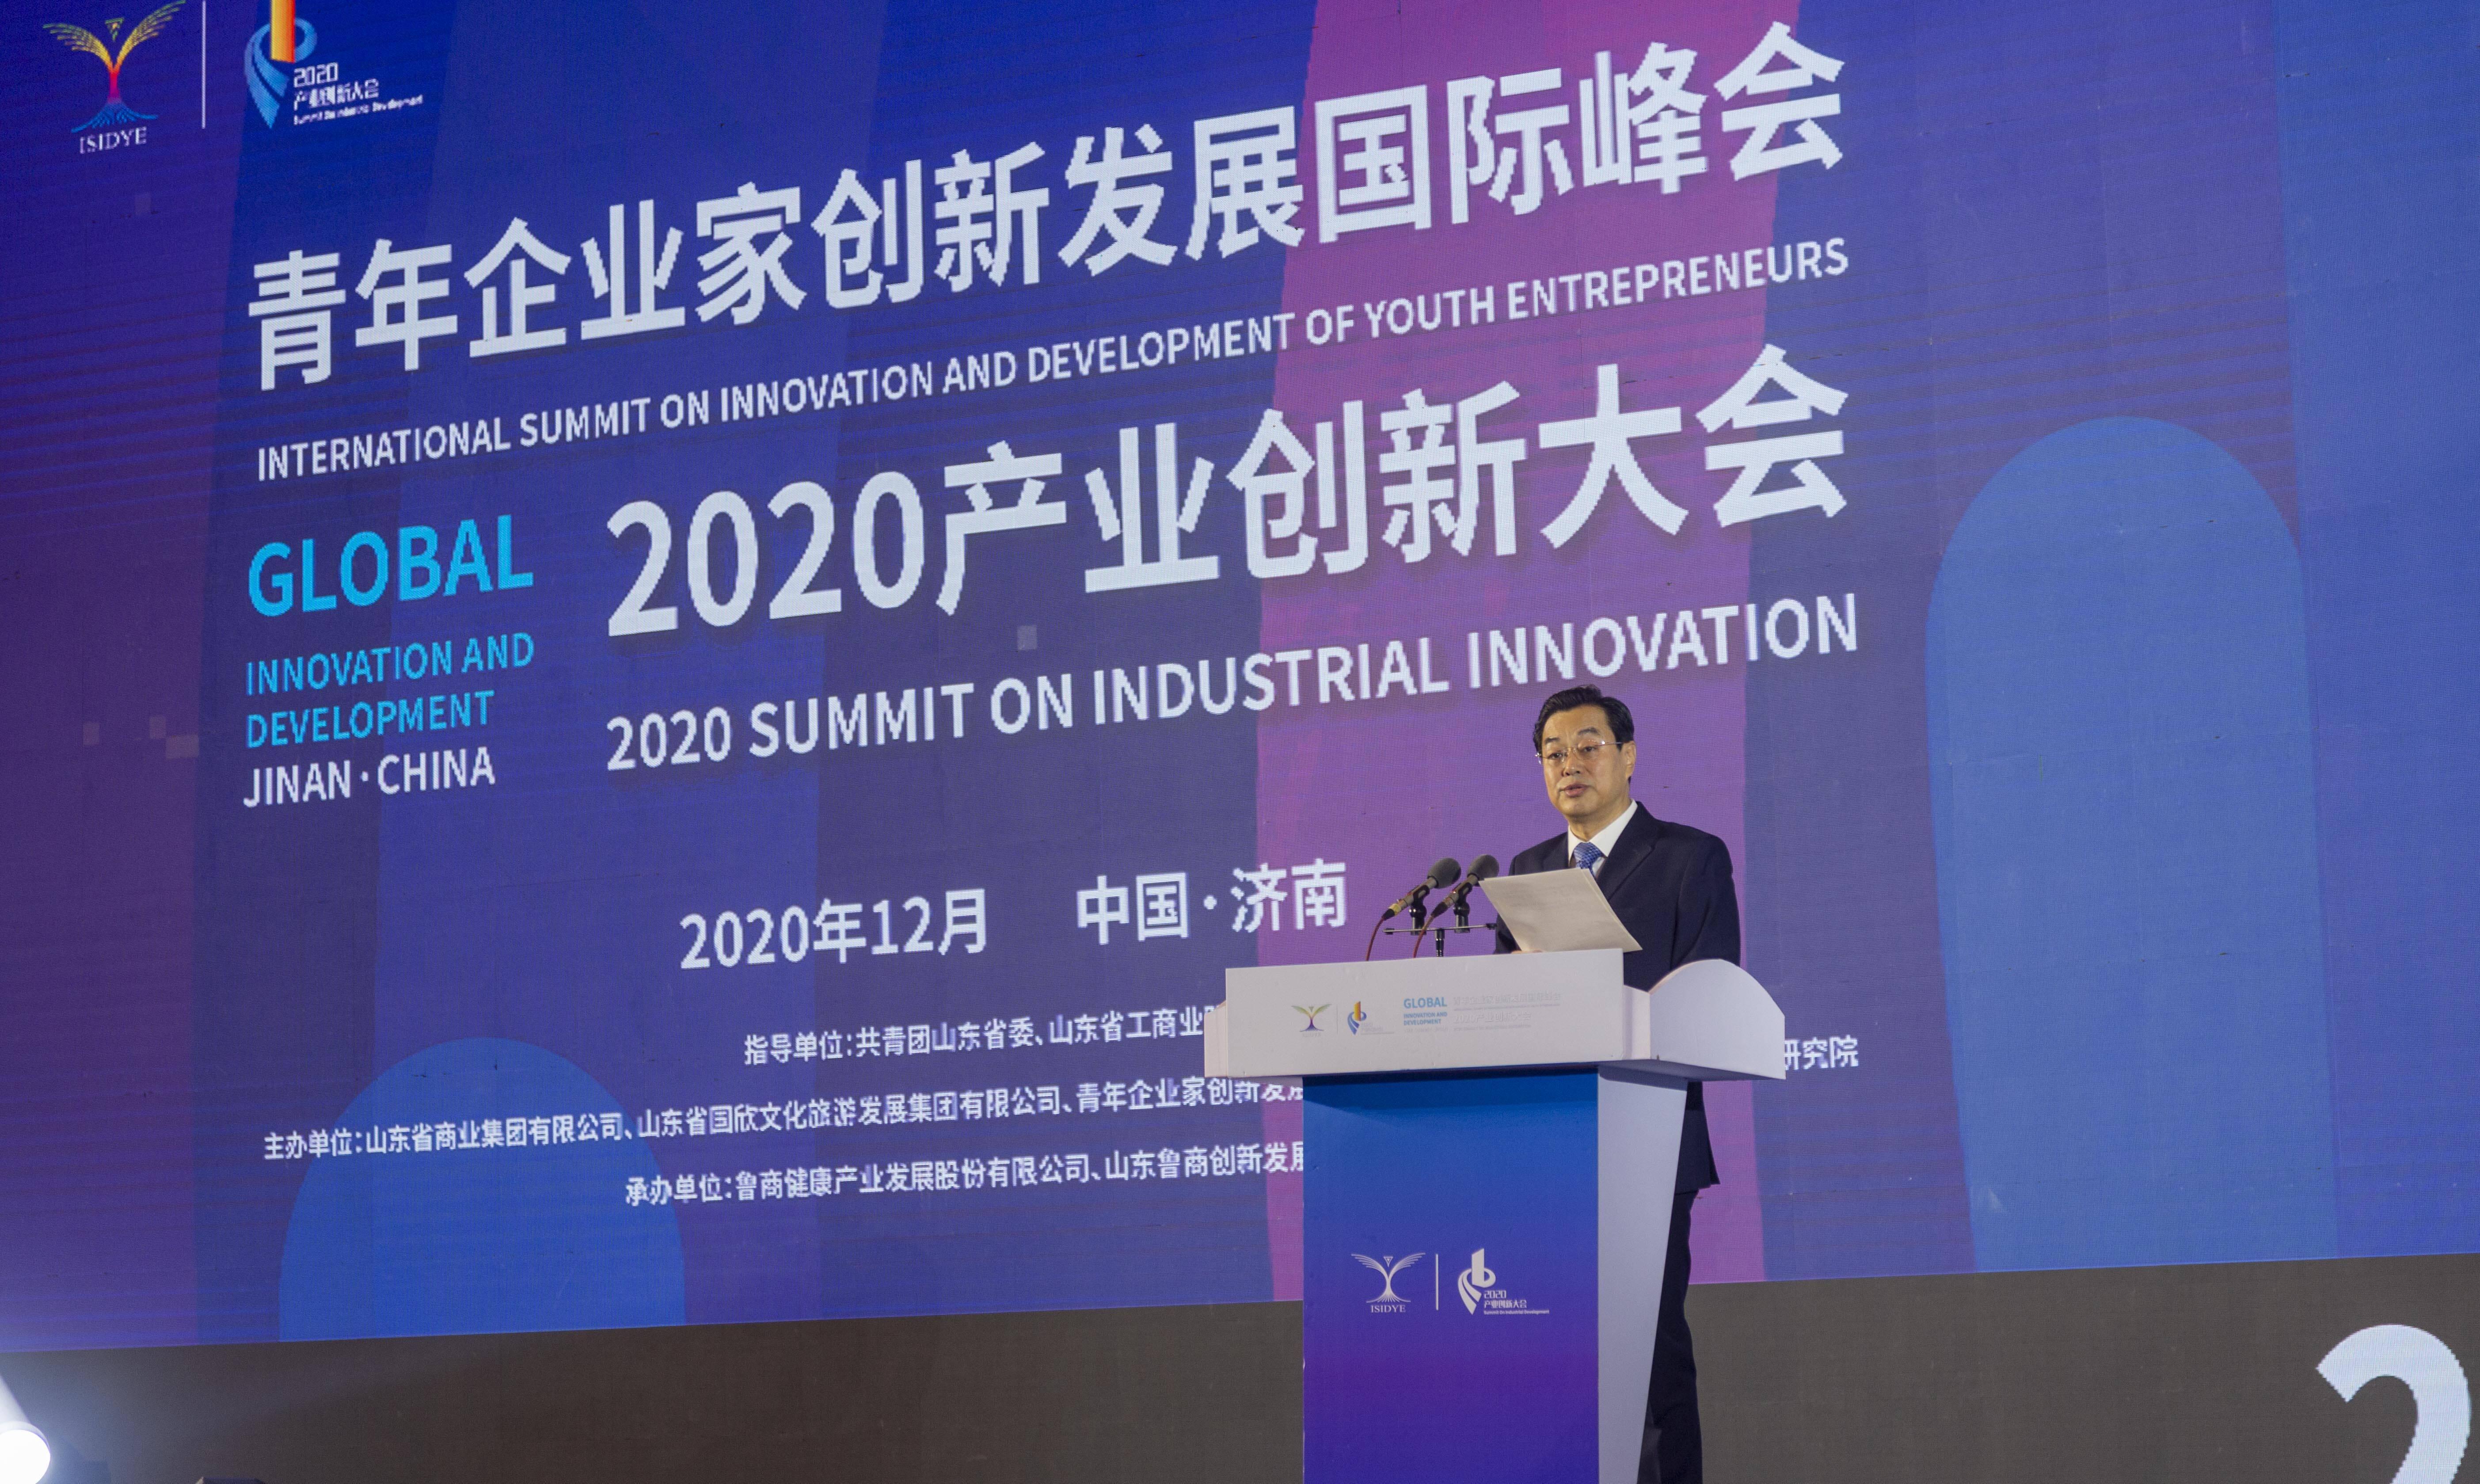 青企峰会2020产业创新大会10个产业项目集中签约